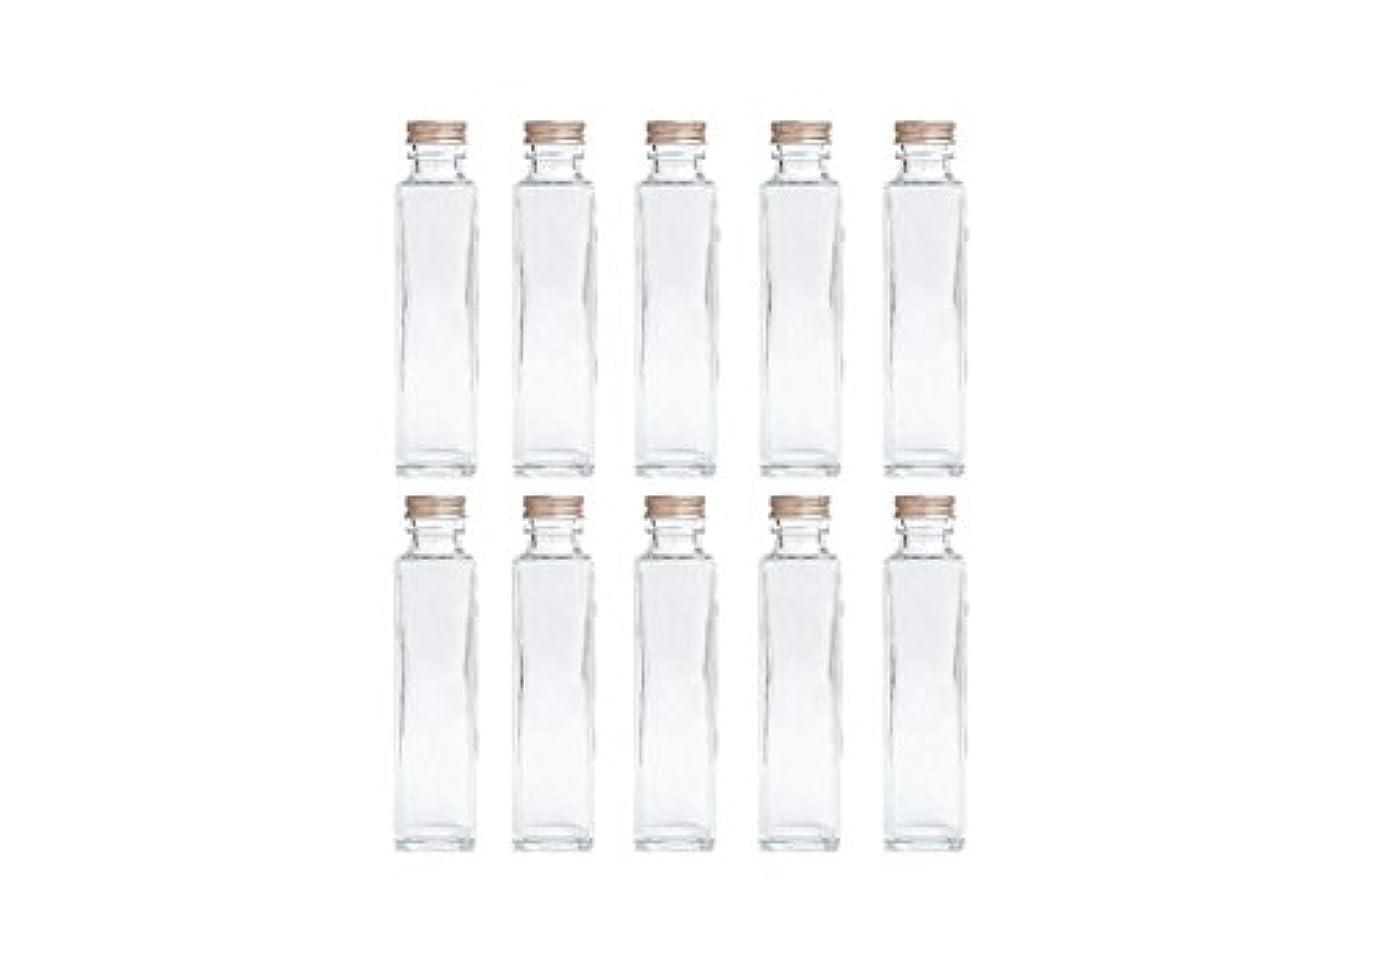 買う自我イブニングHULALA ハーバリウム用ガラス瓶 日本製 10本セット (角型 150ml)